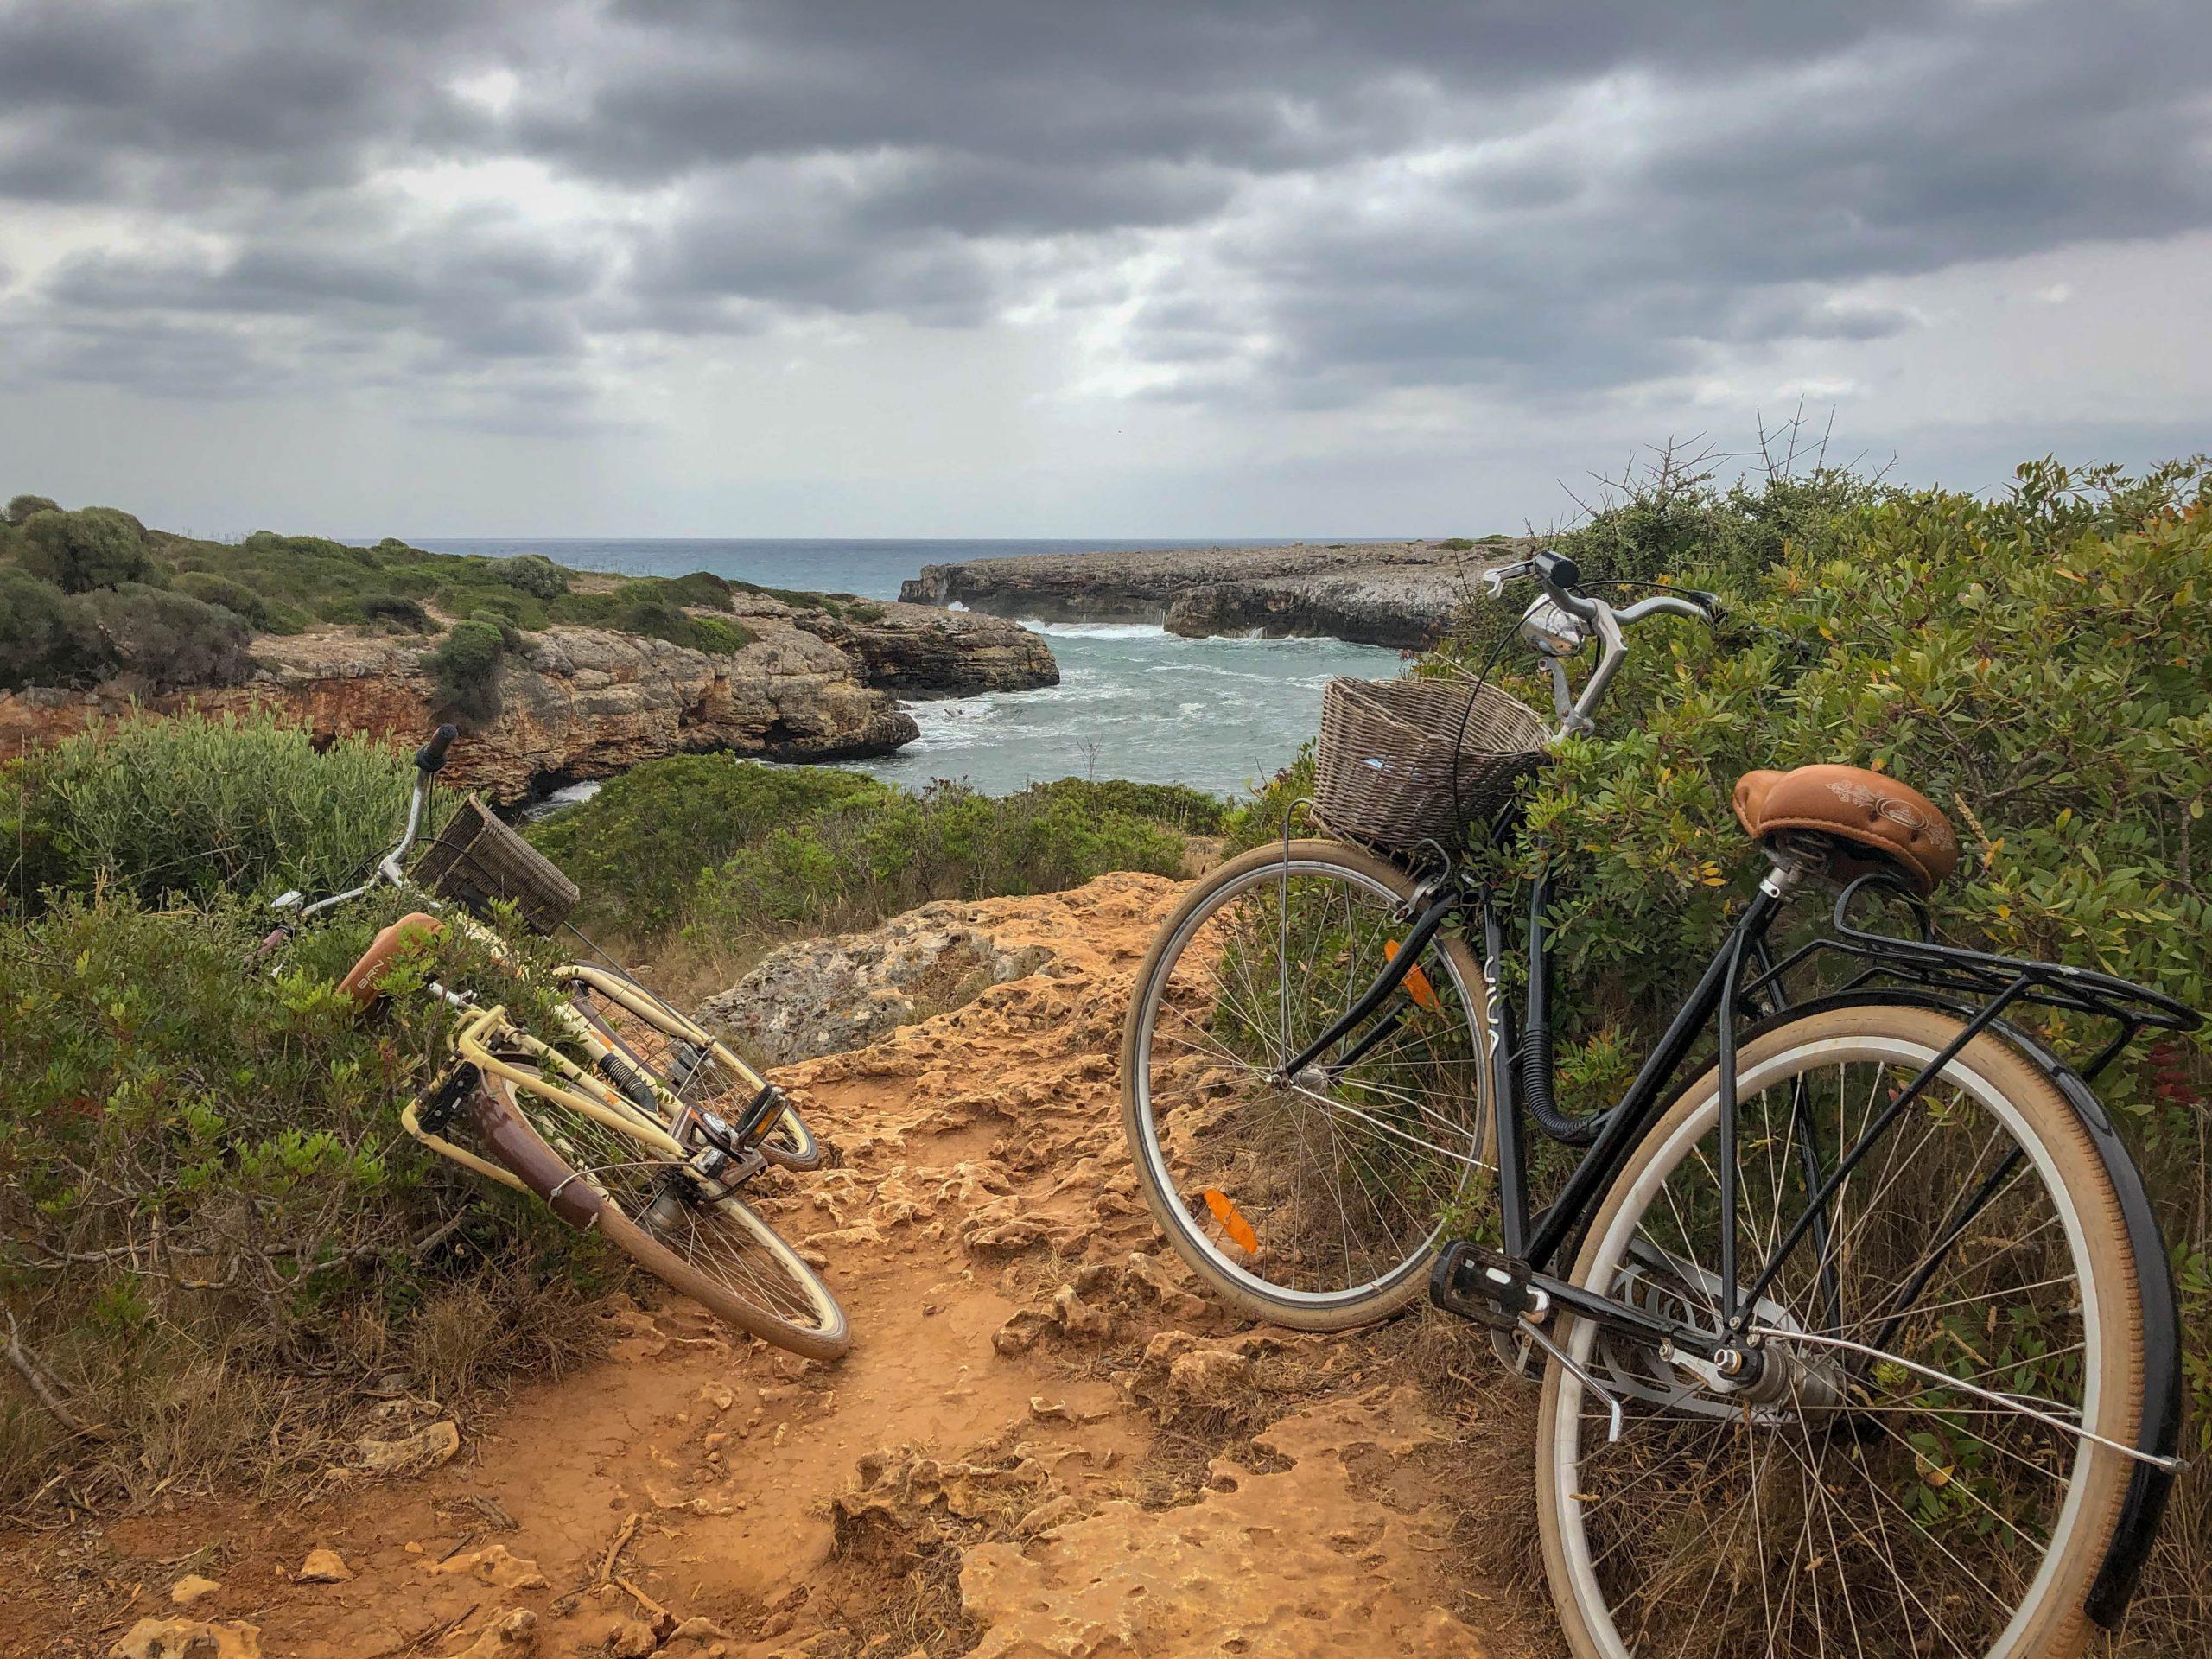 Styrk sammenholdet i familien med en cykelferie